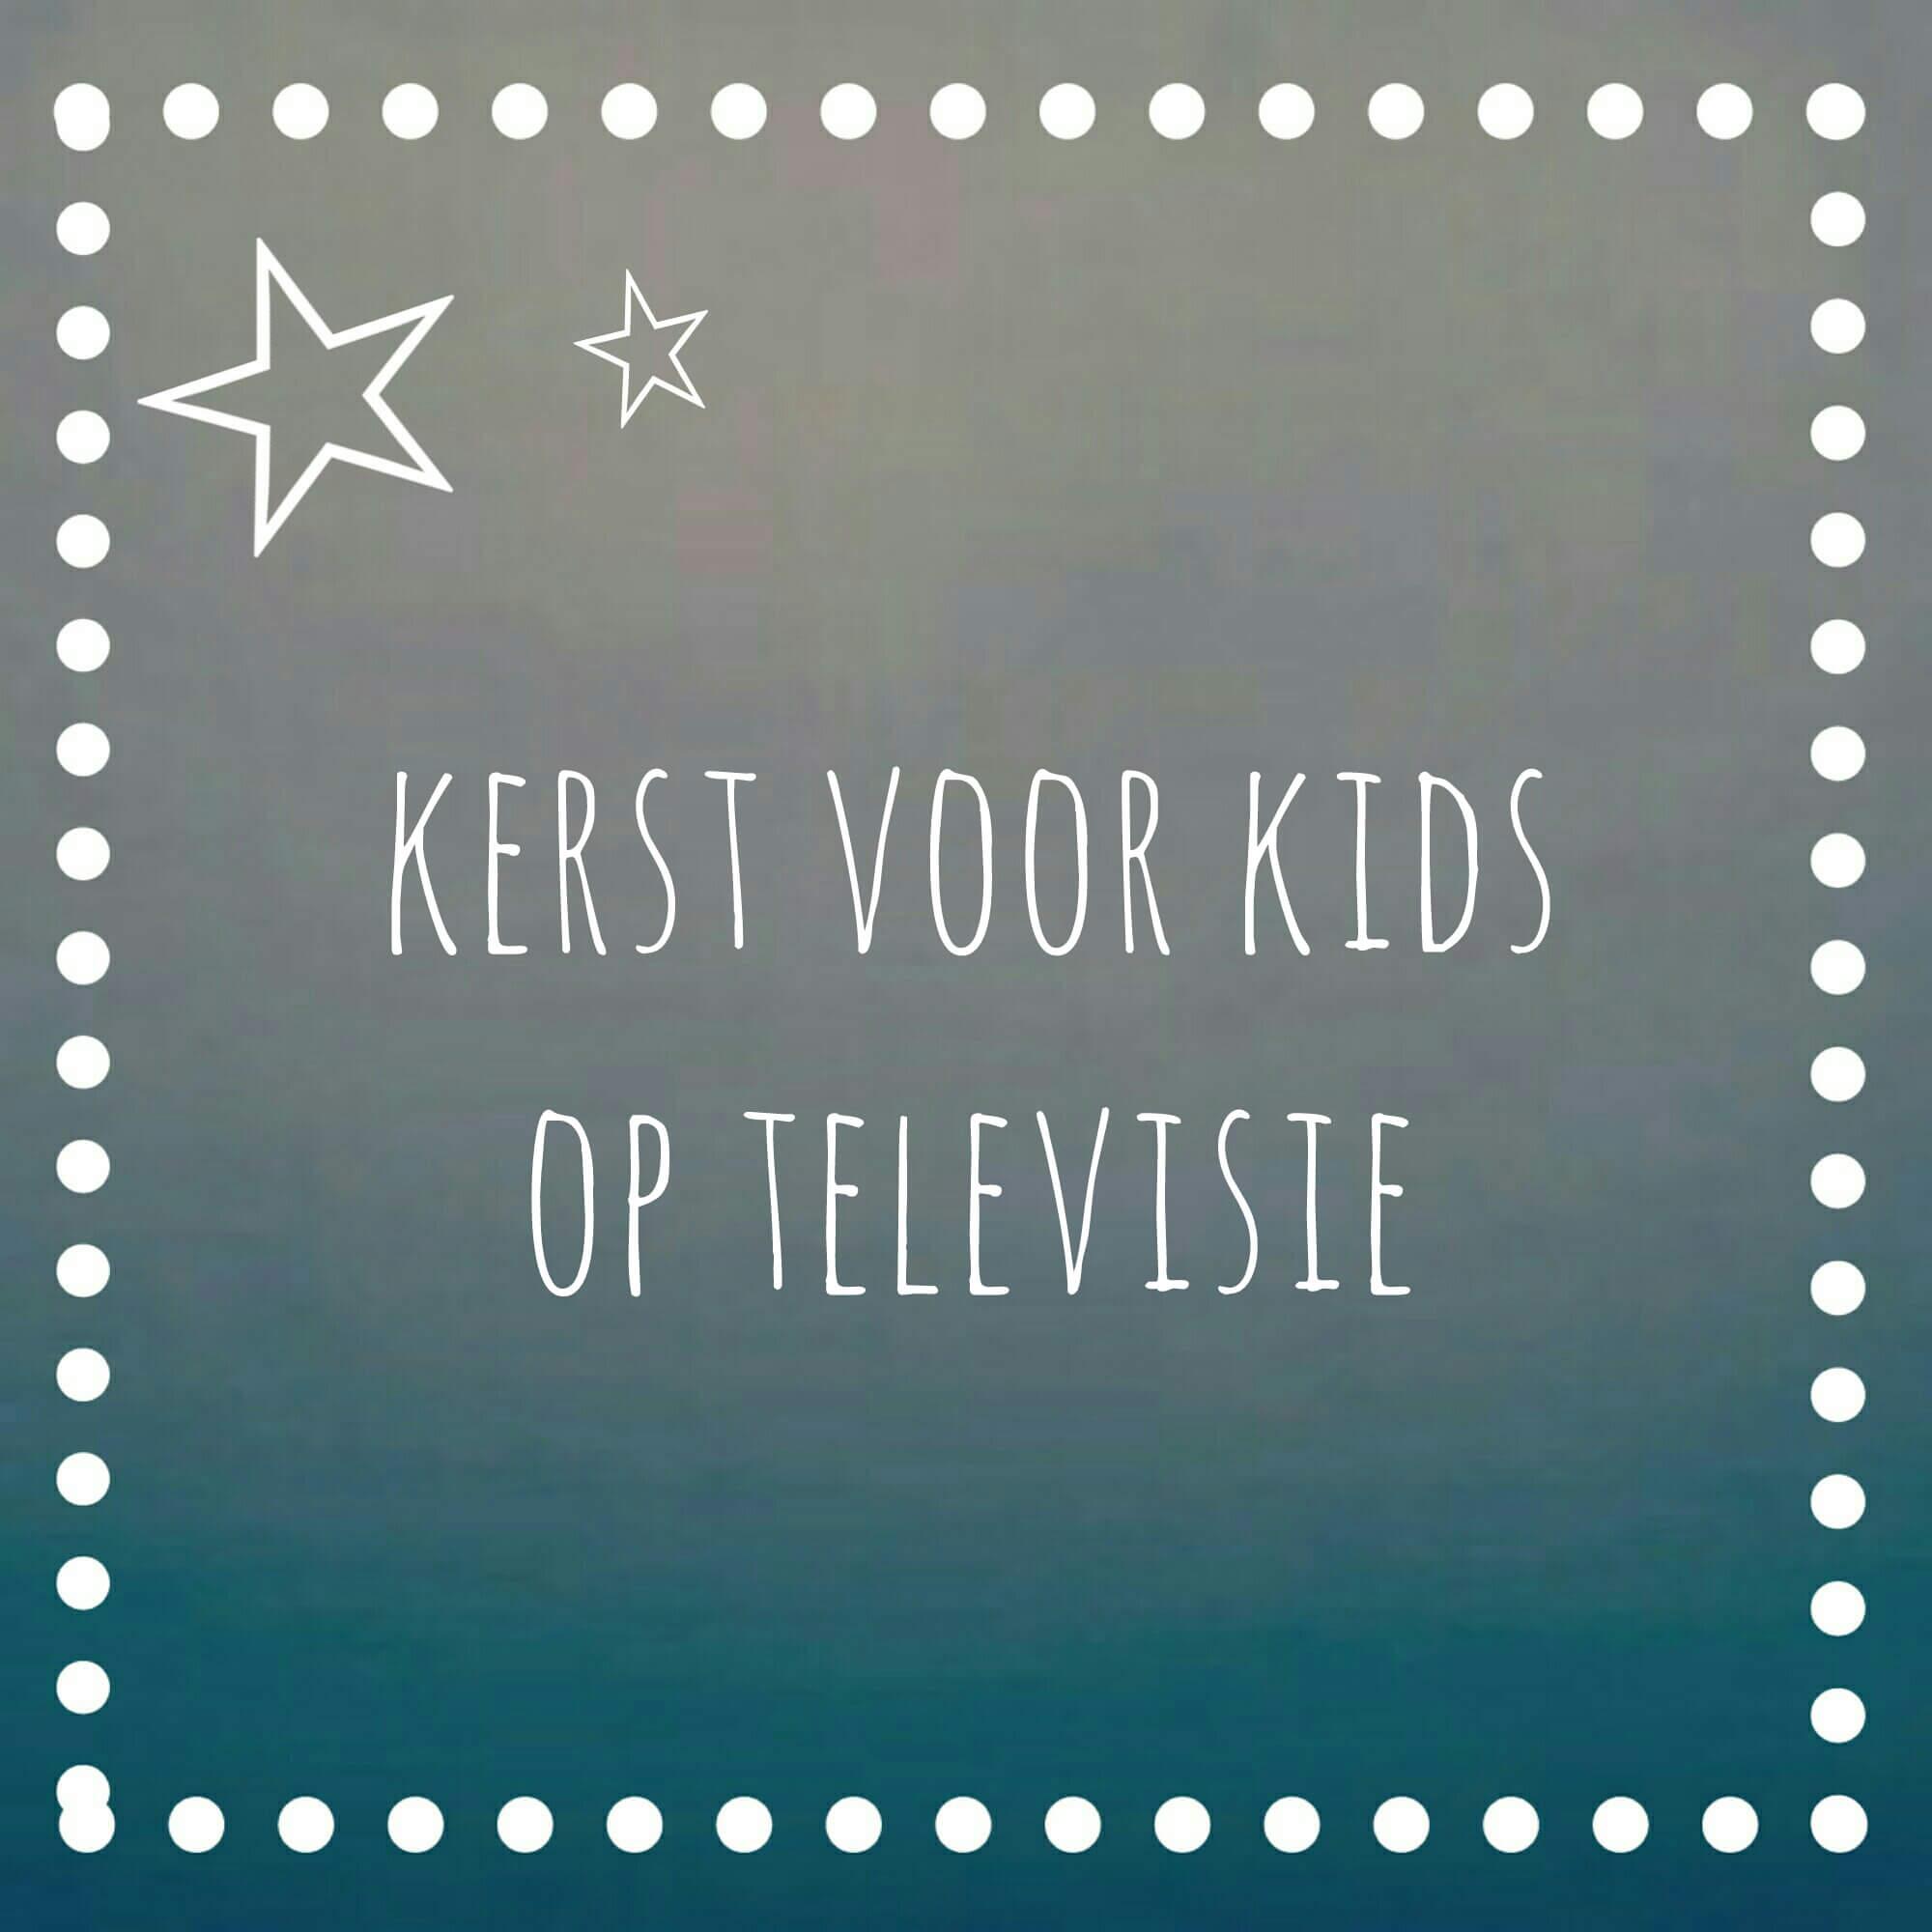 Kerst voor kids: de leukste kinderprogramma's op televisie